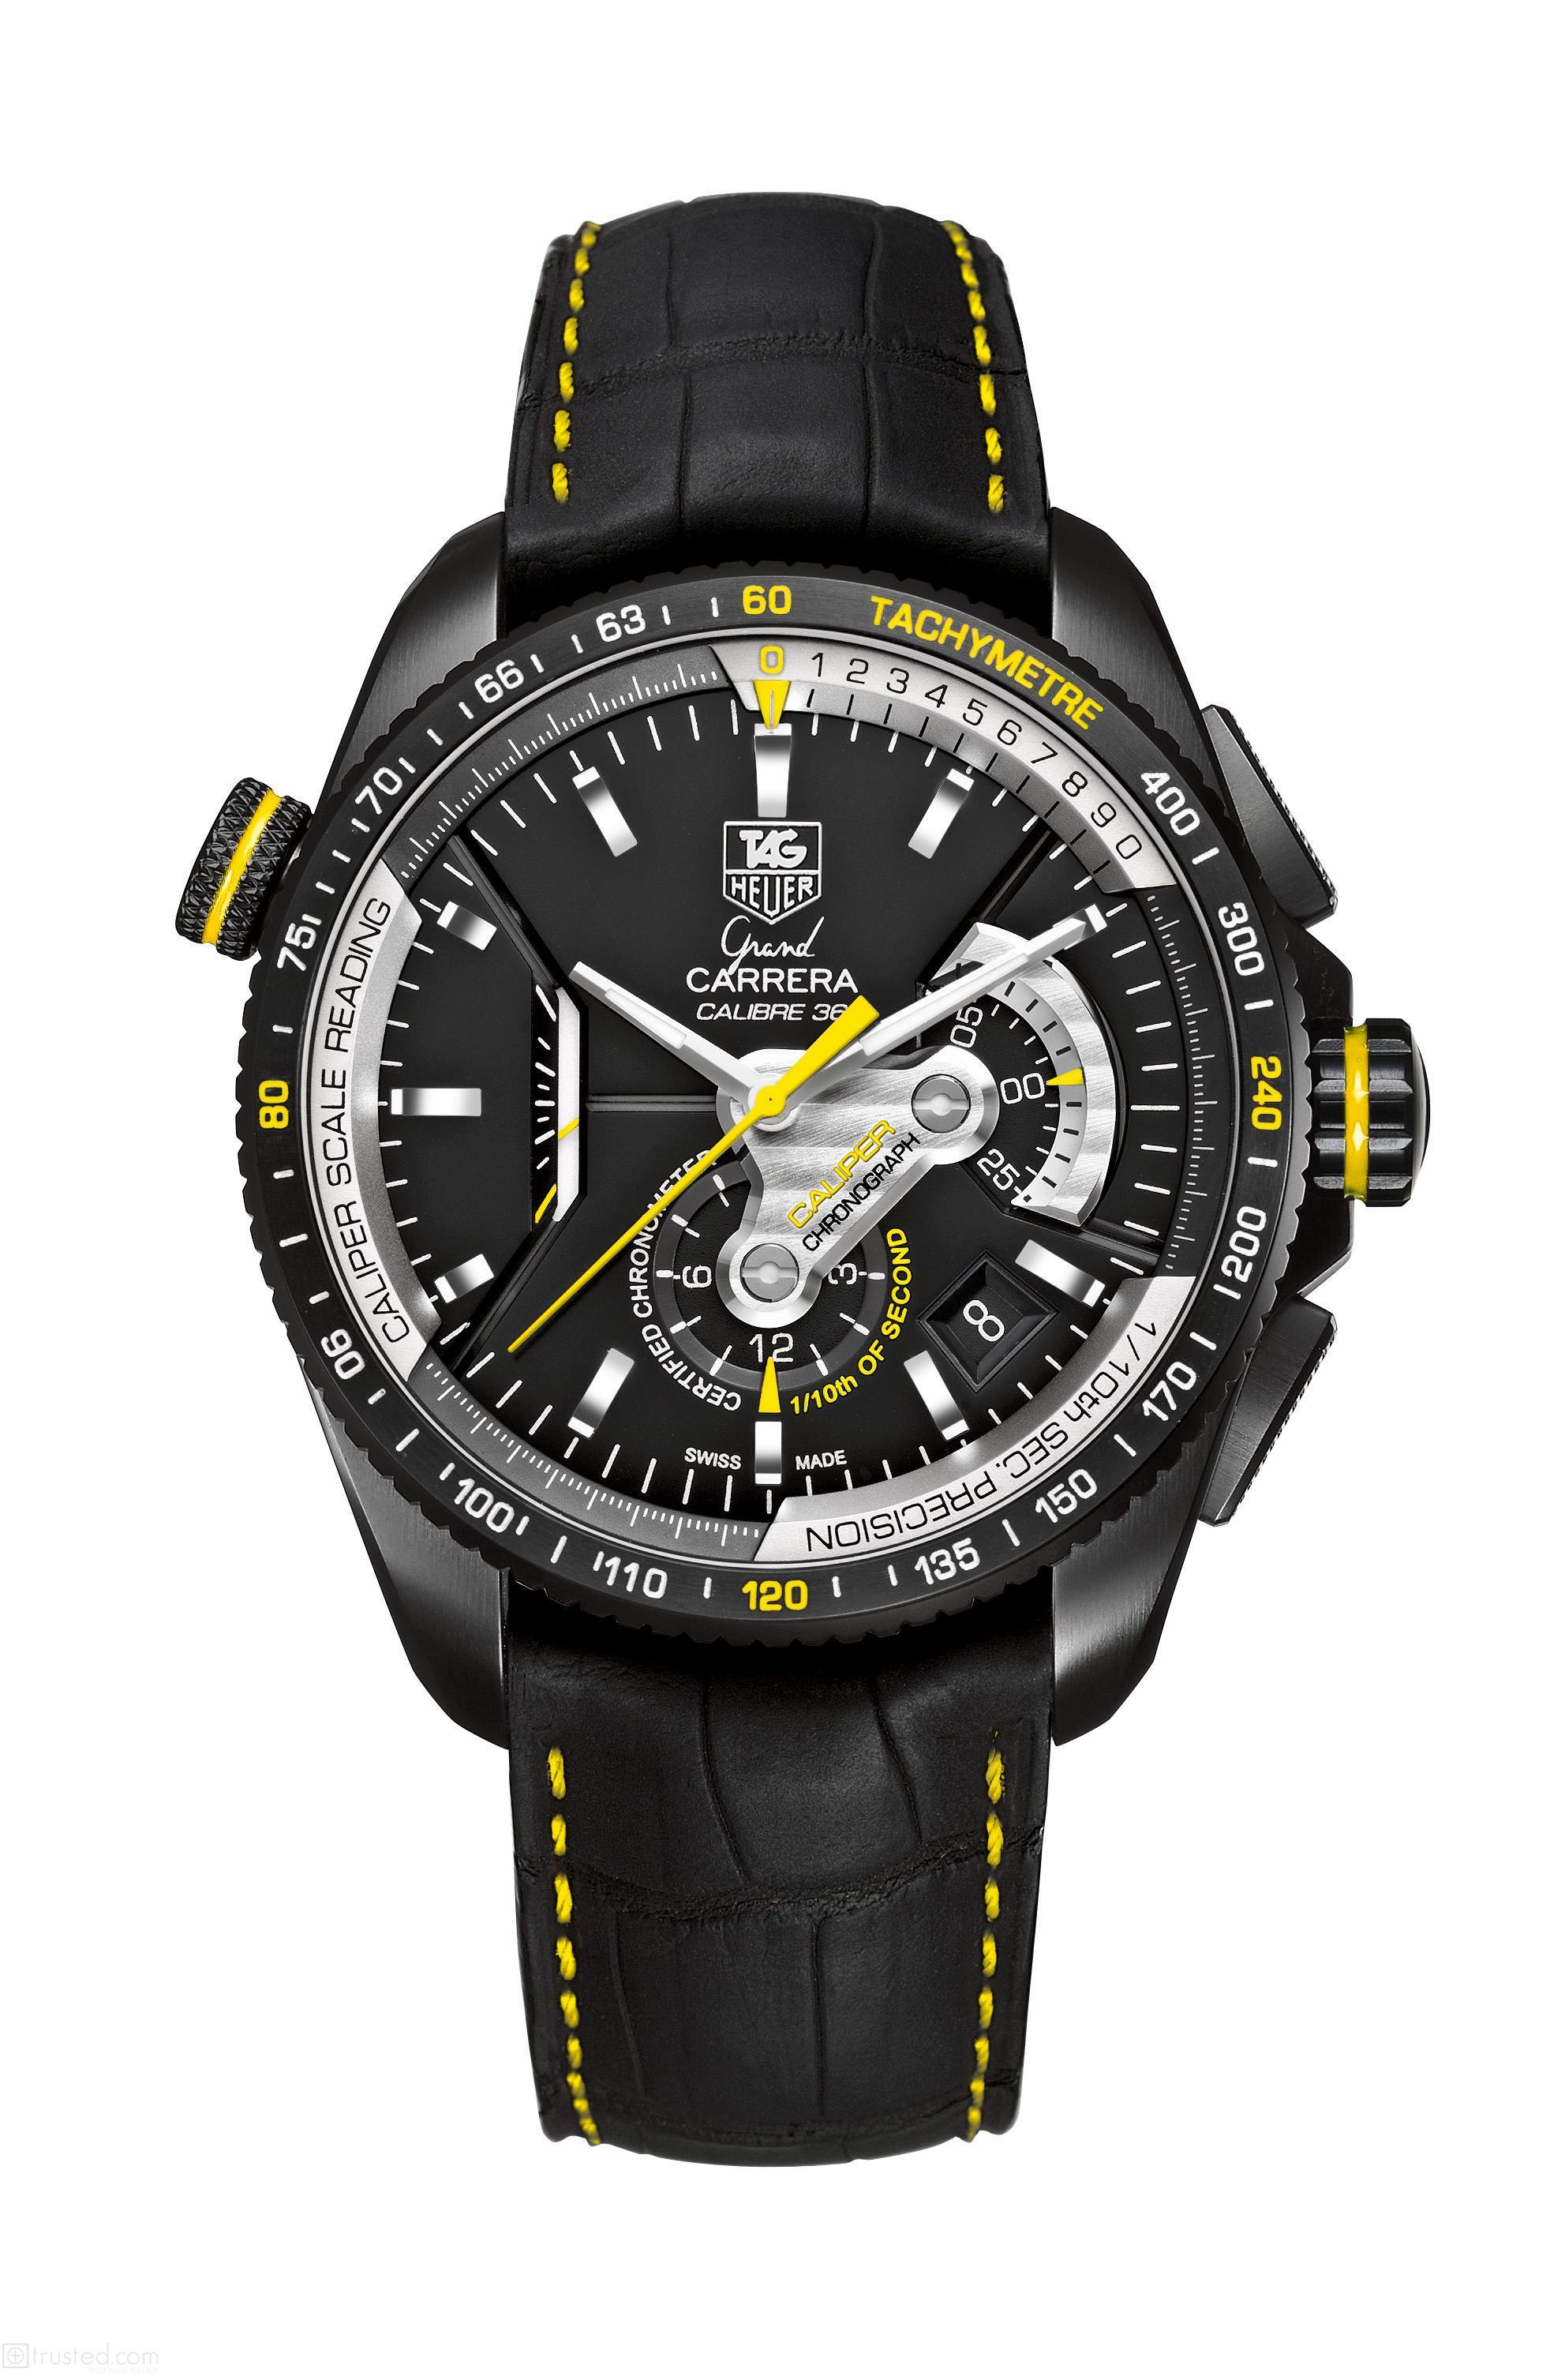 a8540935070 TAG Heuer Grand Carrera Calibre 36 RS2 Chronograph Ti2 CAV5186.FC6304